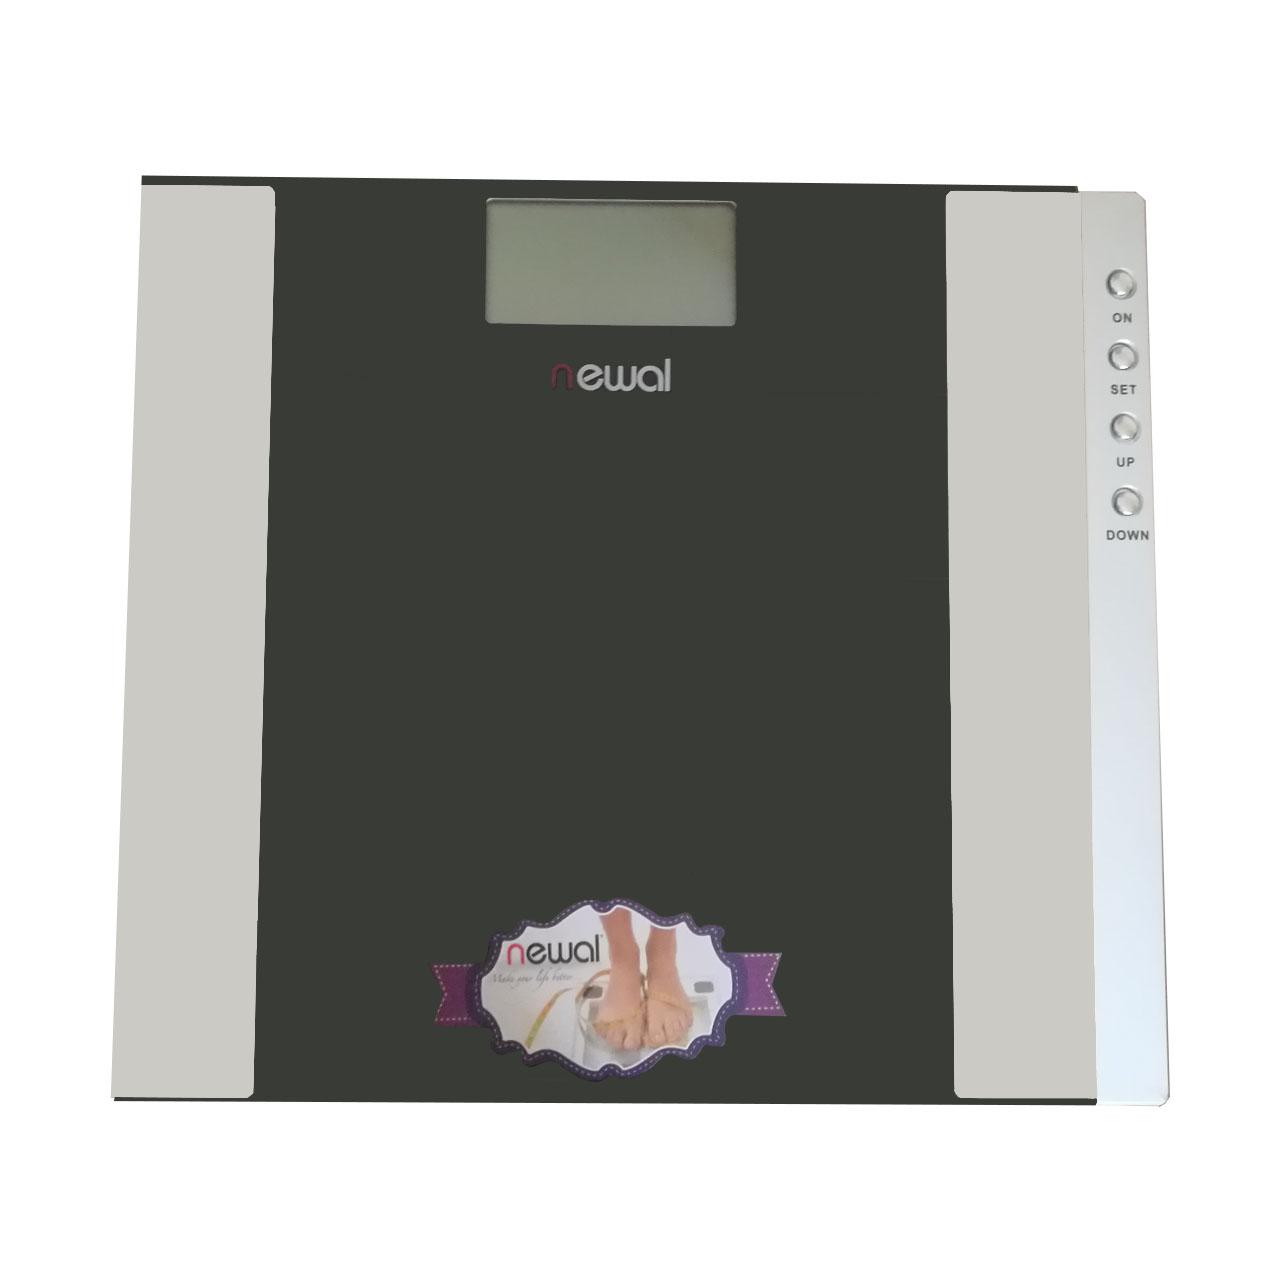 ترازو دیجیتال نوال مدل NWL-7053